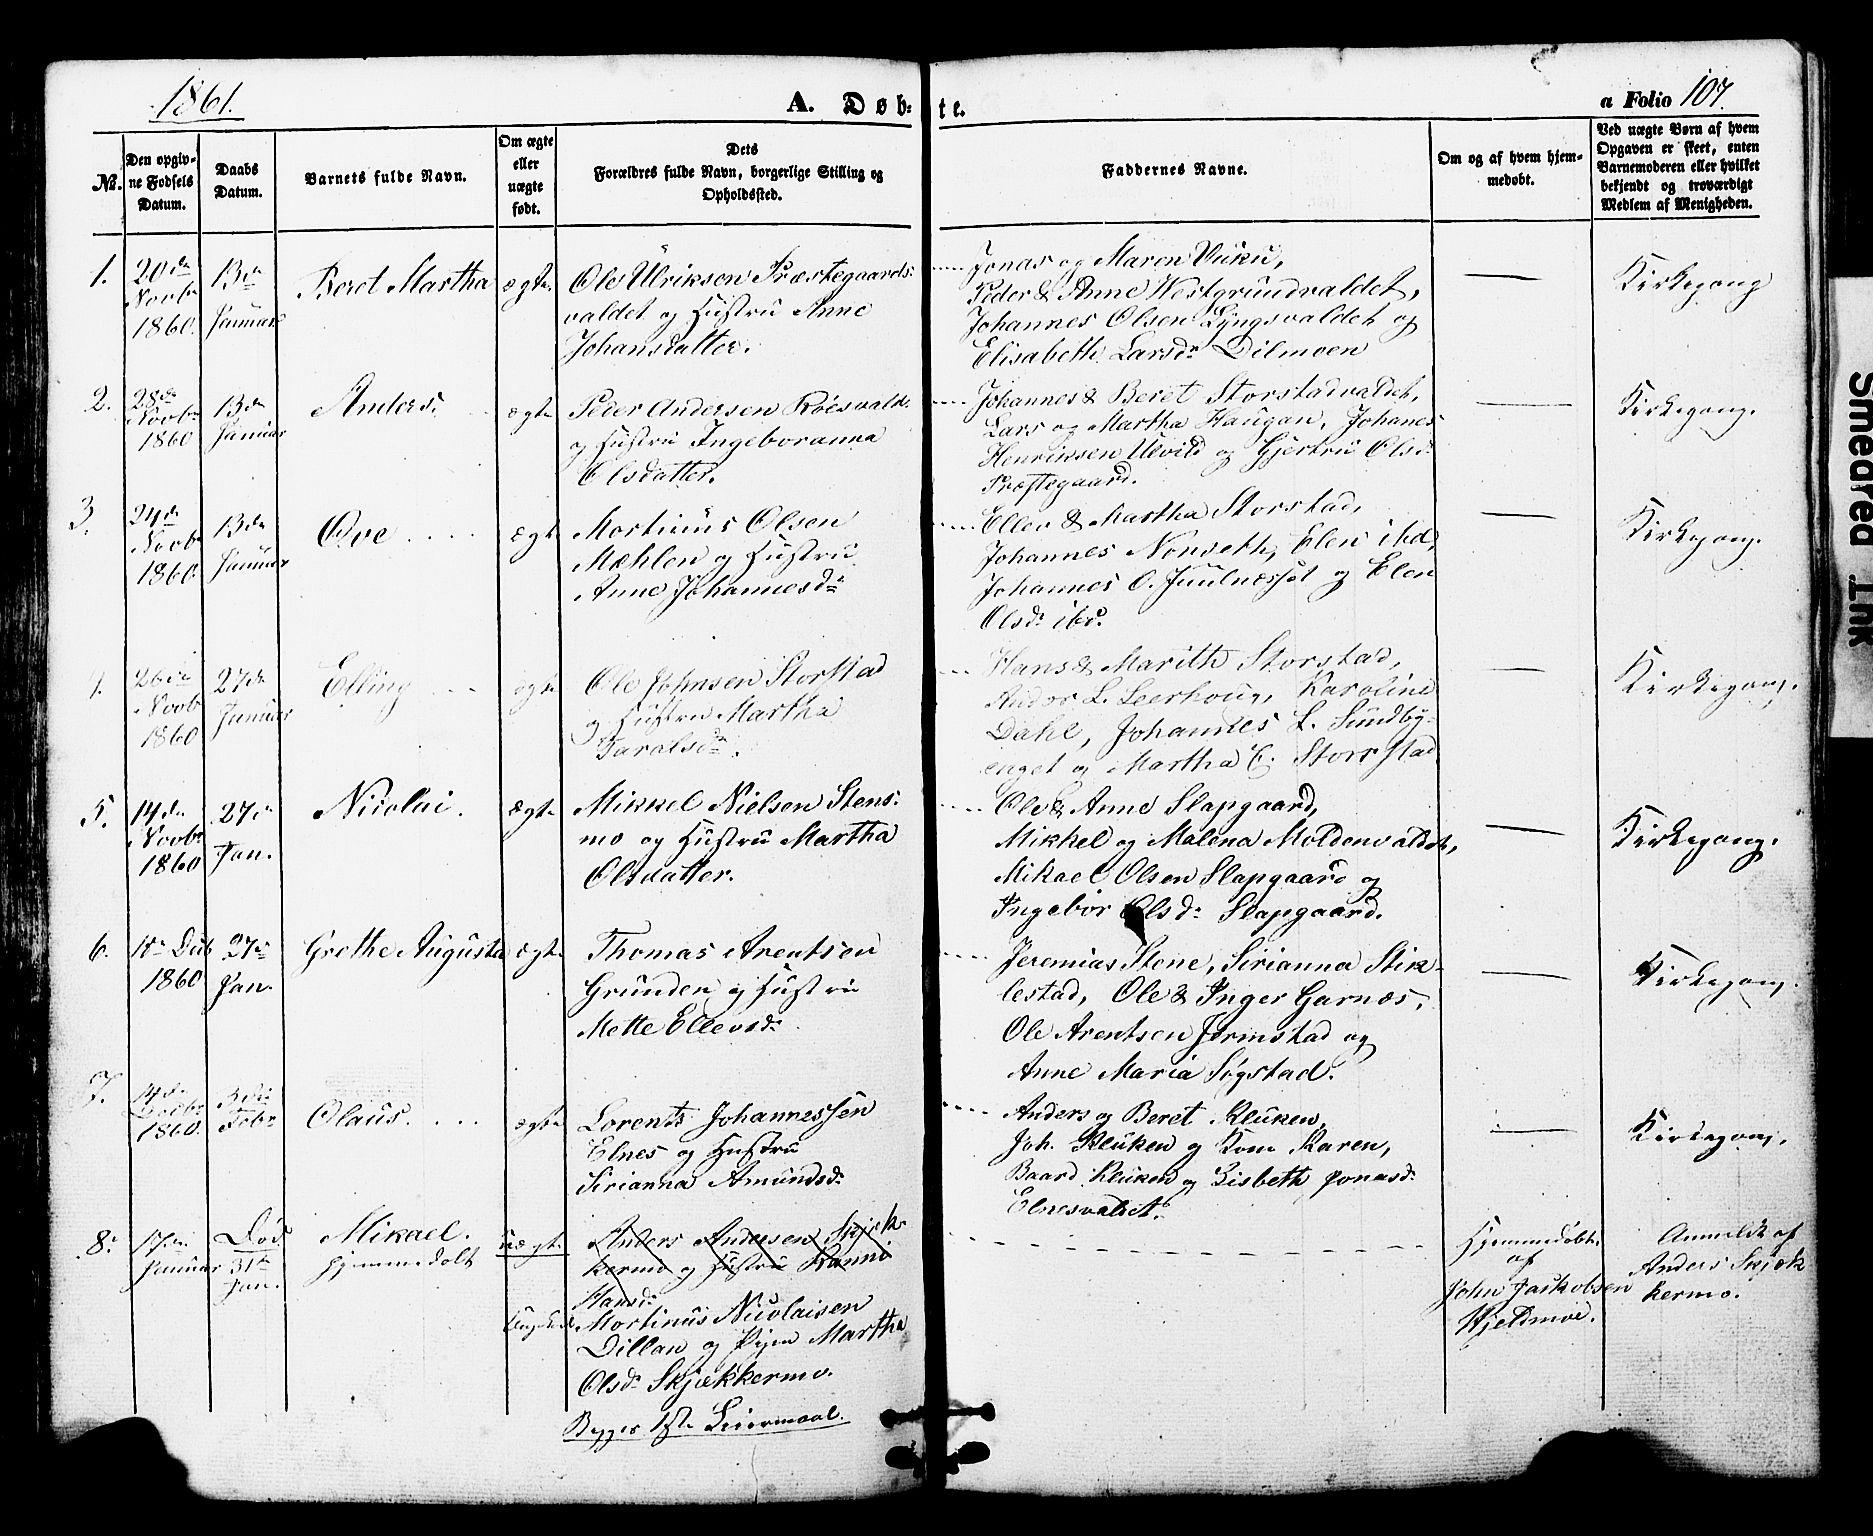 SAT, Ministerialprotokoller, klokkerbøker og fødselsregistre - Nord-Trøndelag, 724/L0268: Klokkerbok nr. 724C04, 1846-1878, s. 107